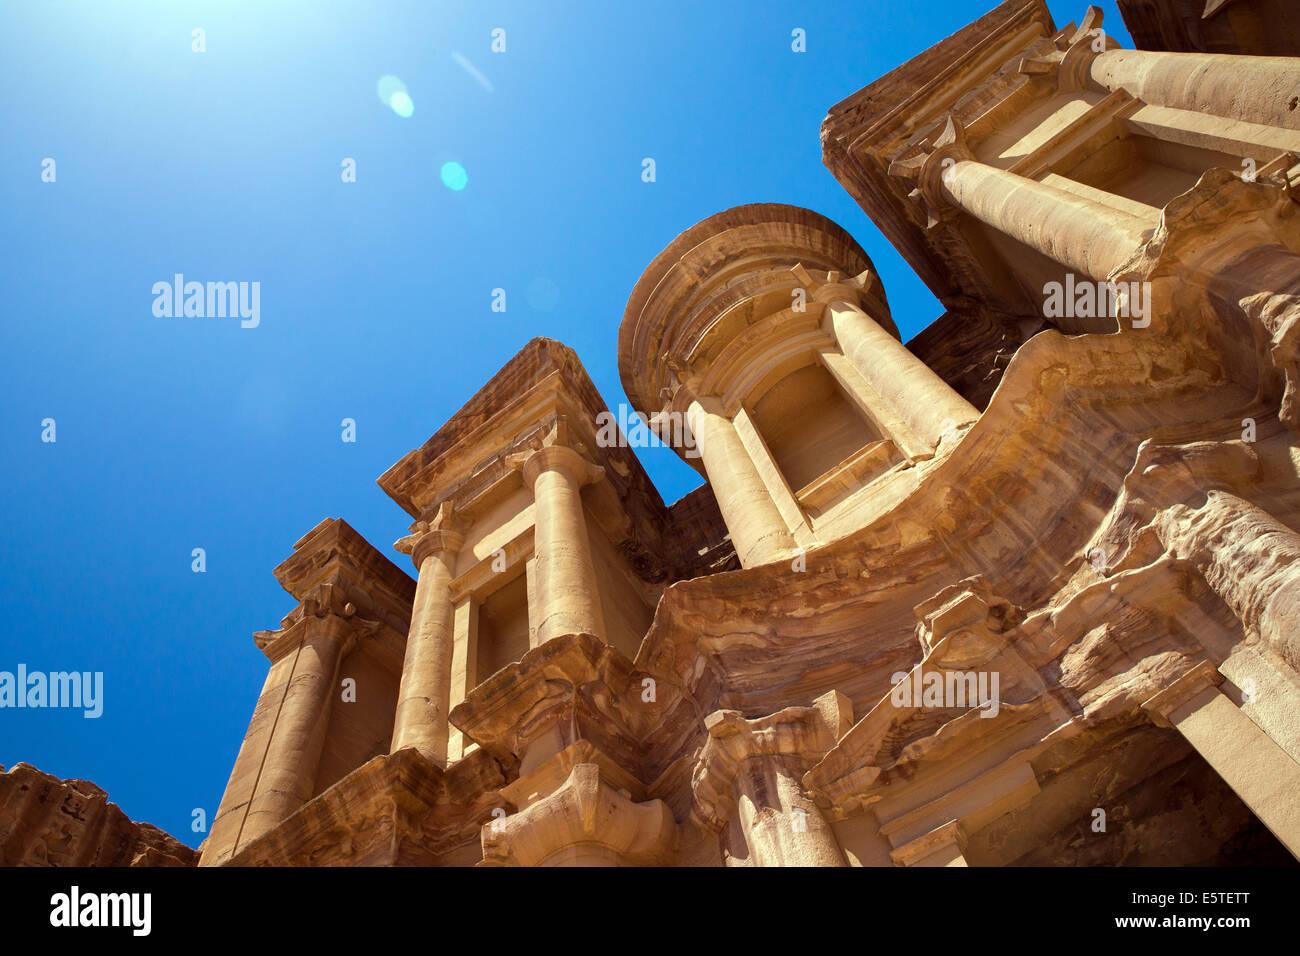 Antico tempio di Petra, Giordania Immagini Stock